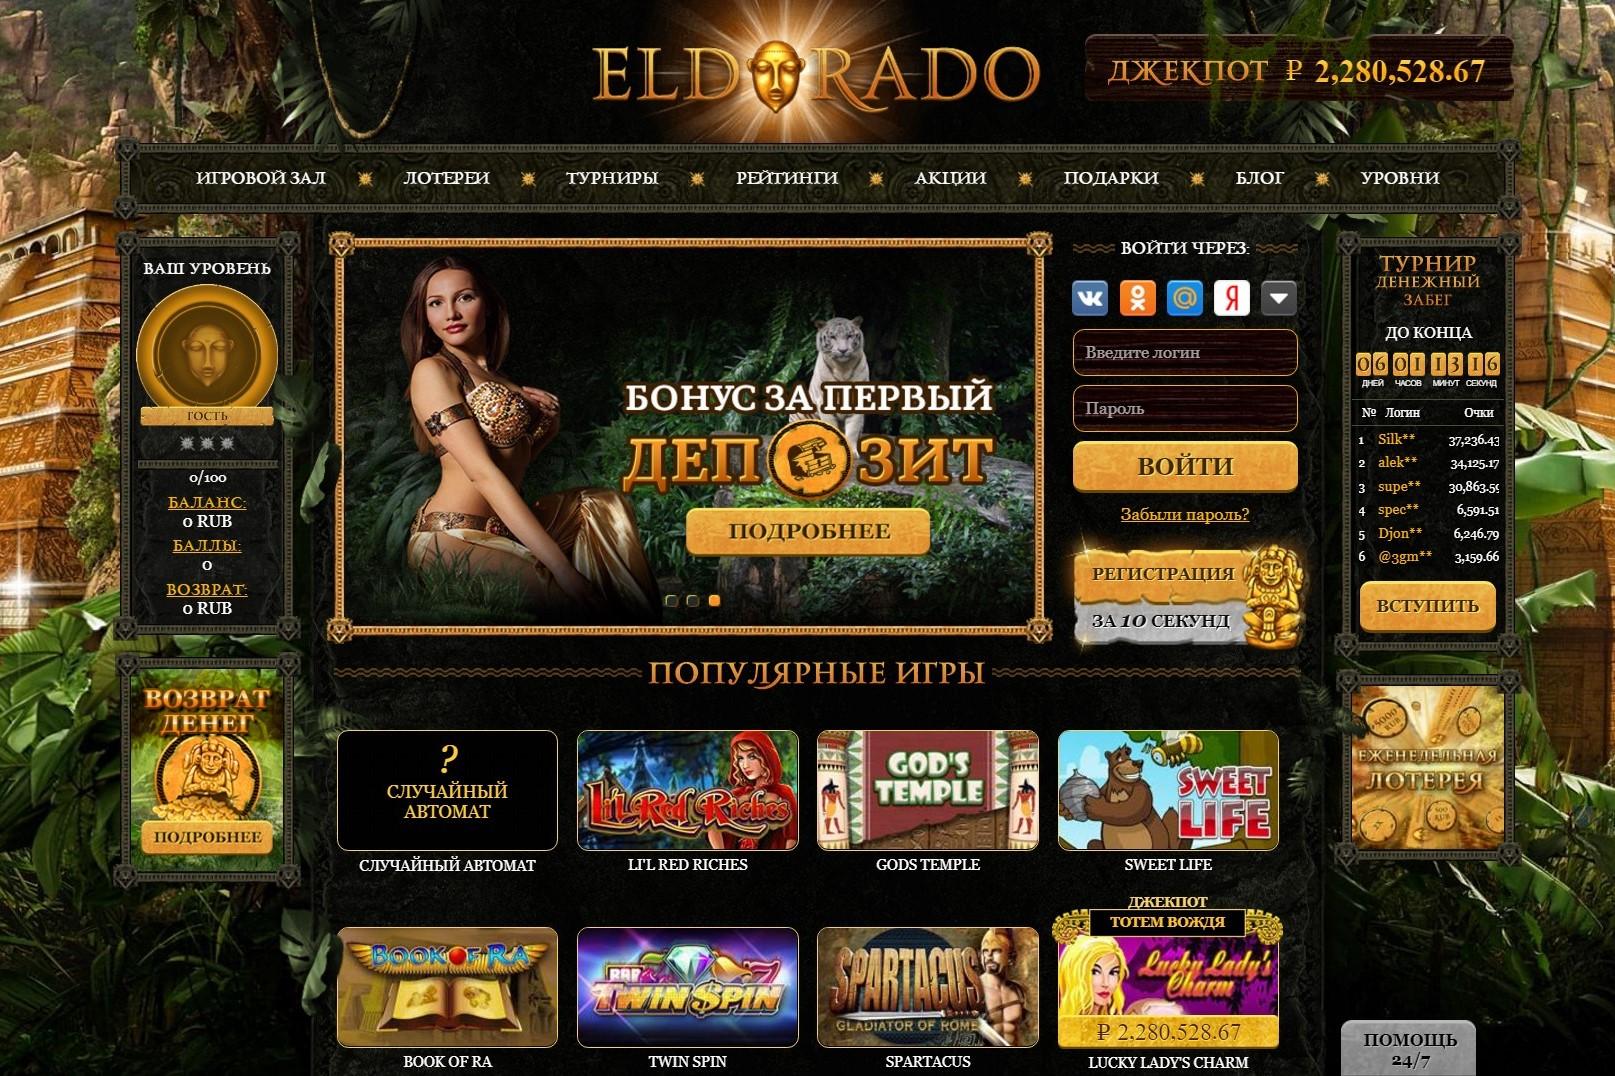 Игровой зал в Эльдорадо казино